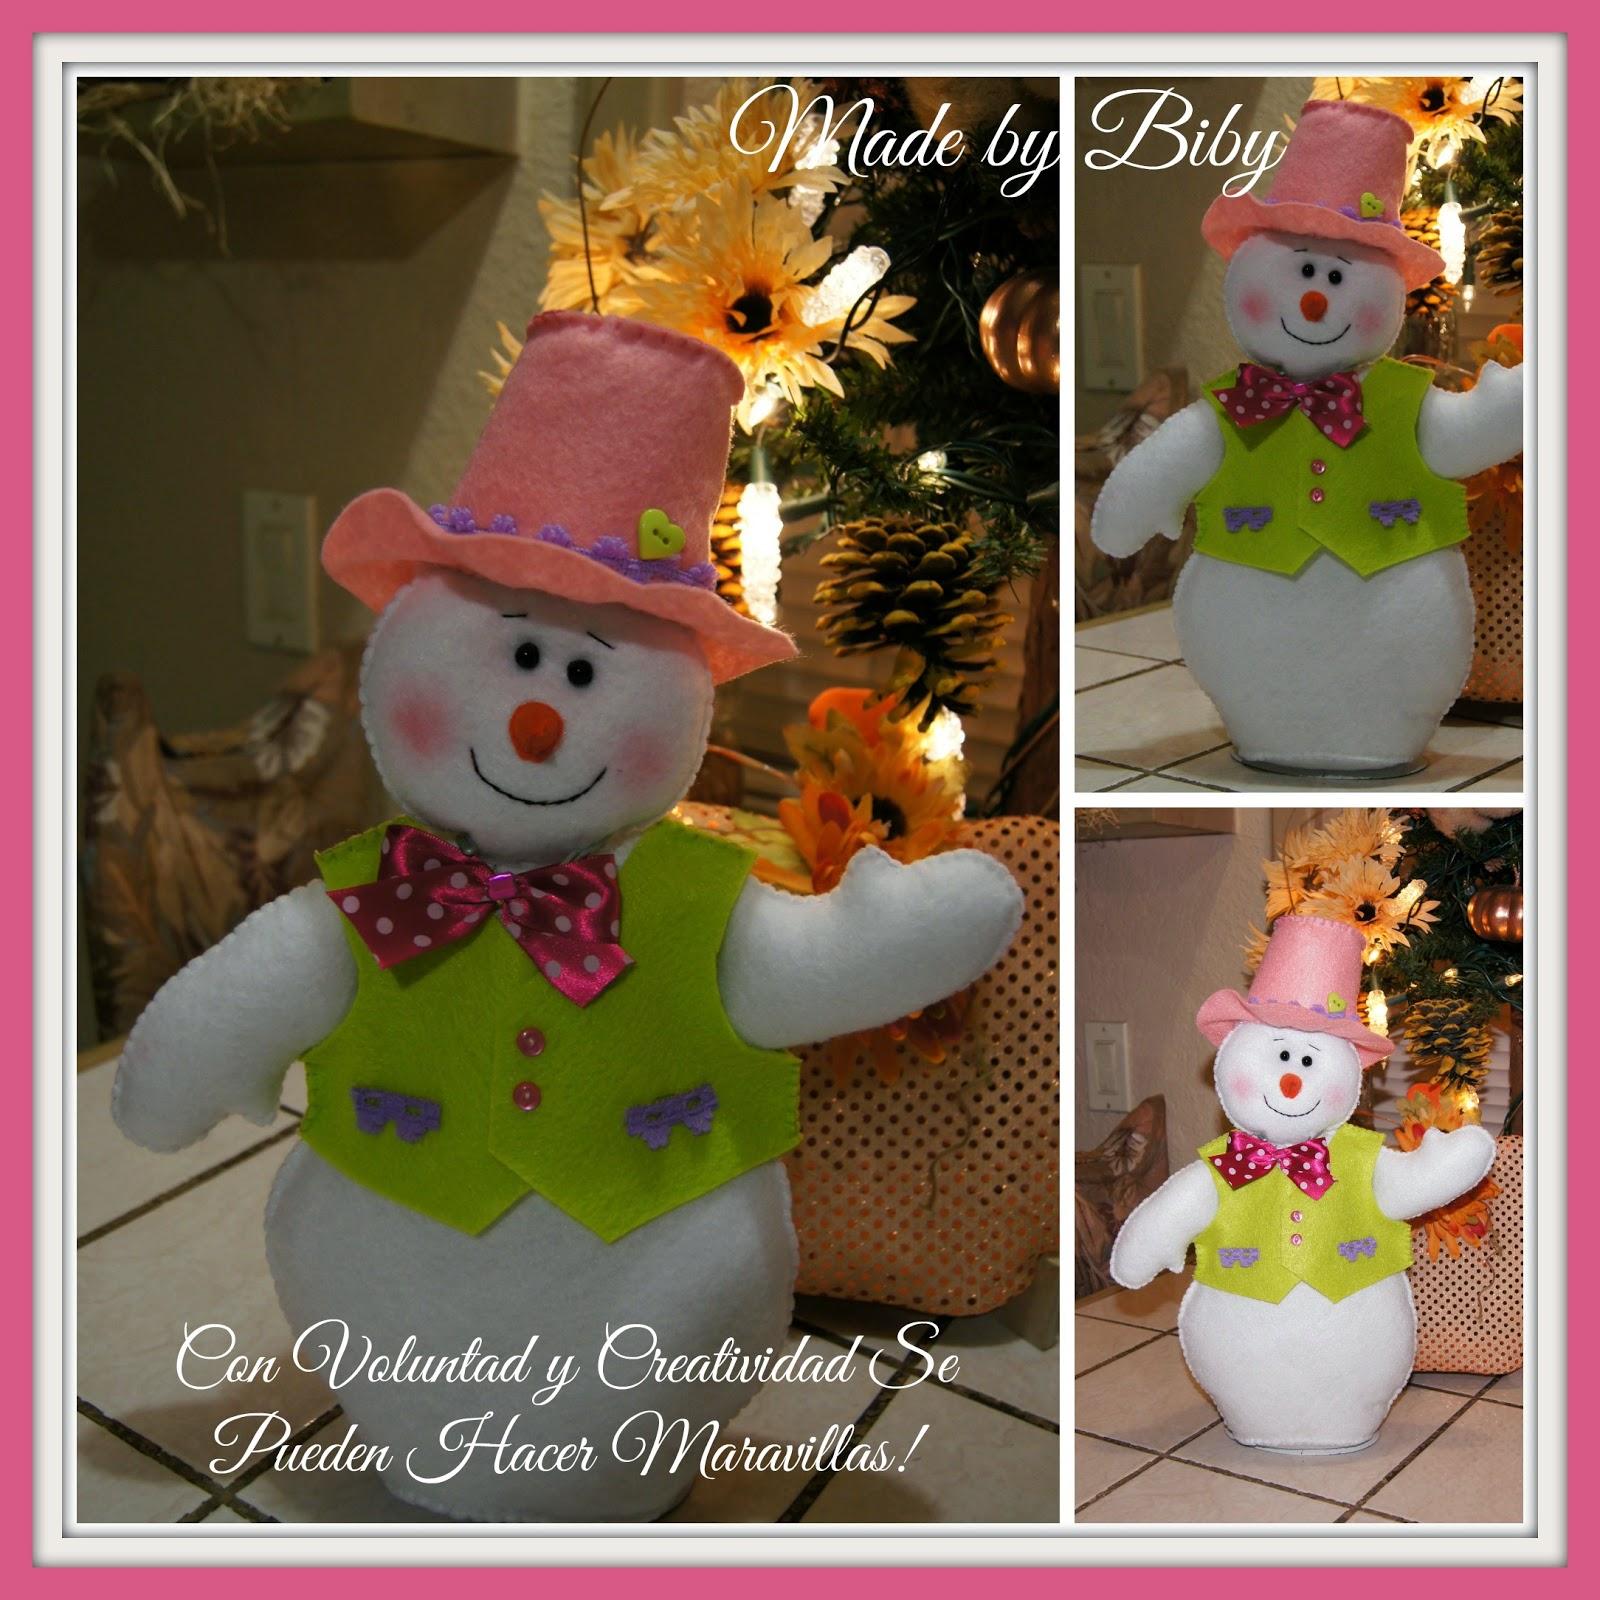 Con voluntad y creatividad se pueden hacer maravillas - Manualidades munecos de navidad ...